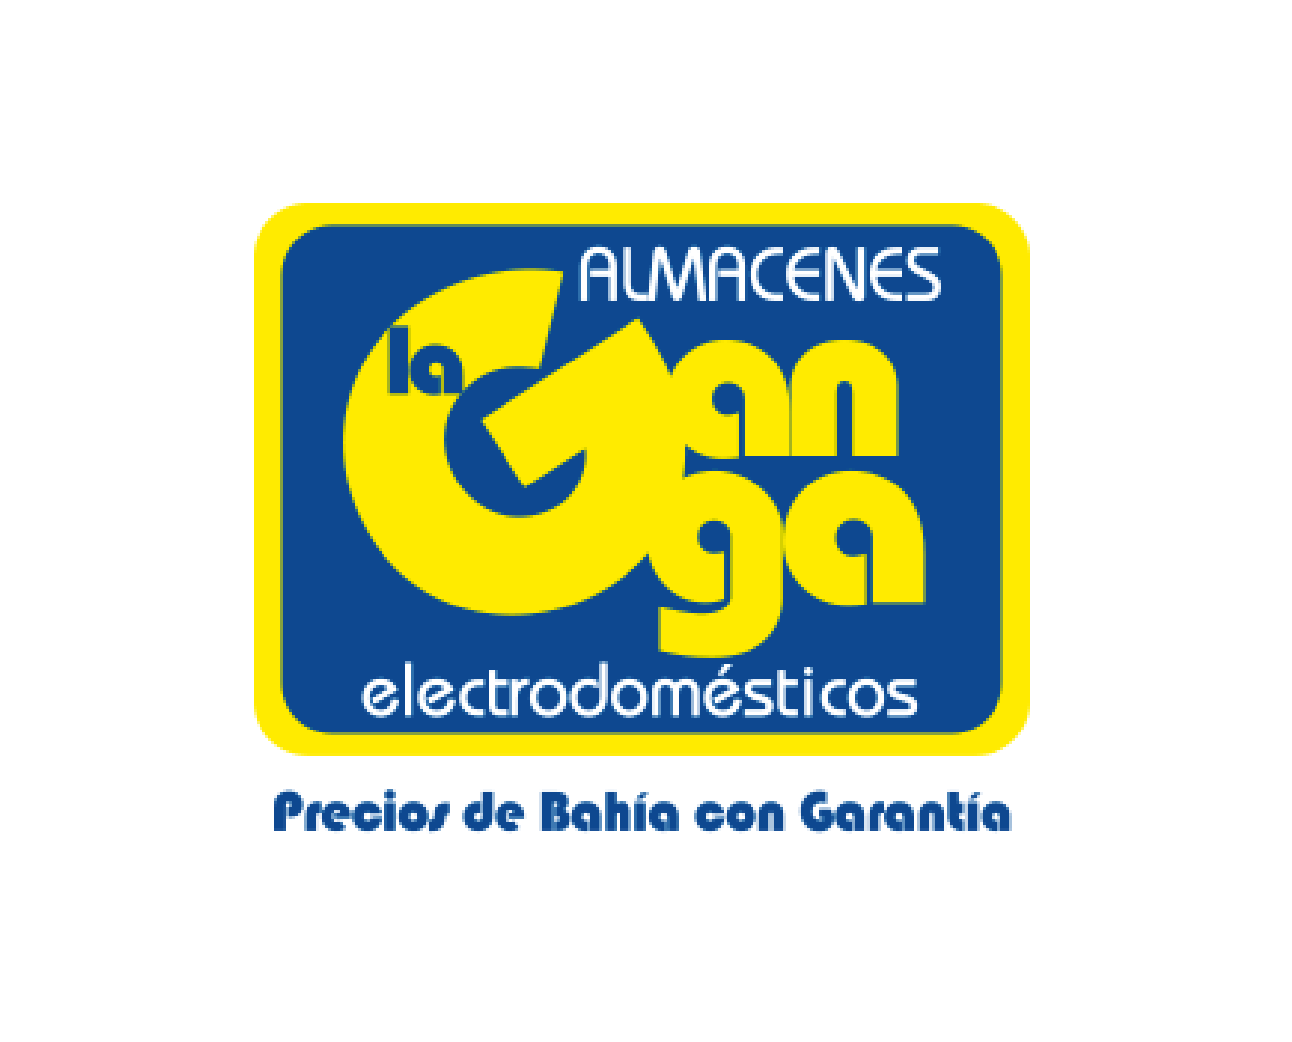 logos-bankard_logo_laGanga